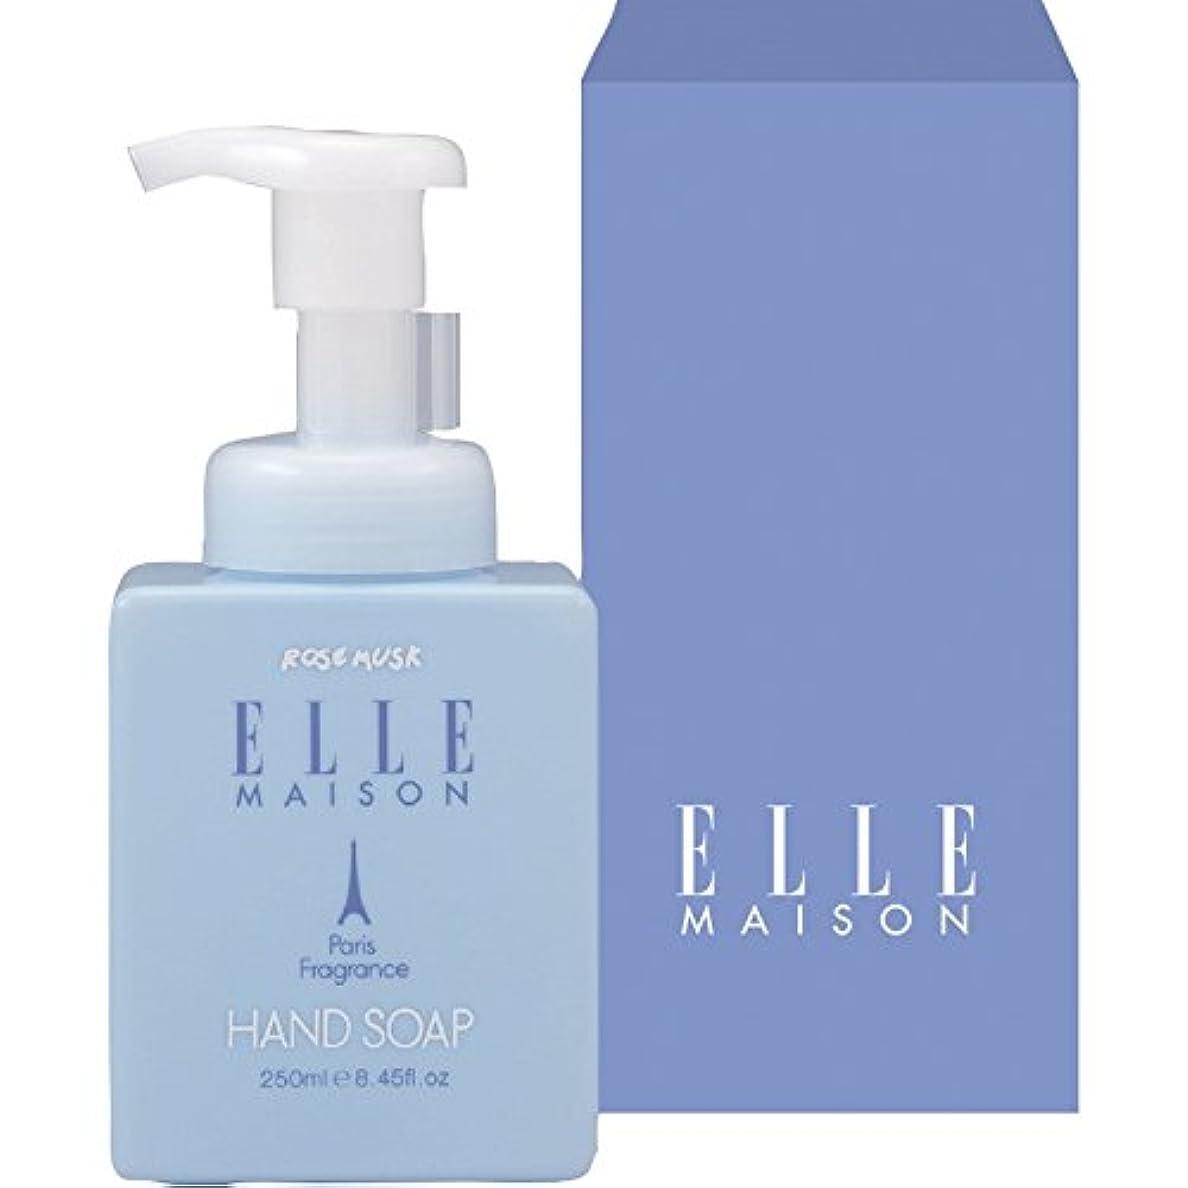 割るシンプルさ拮抗ELLE MAISON 泡で出る薬用ハンドソープ 【こども 手洗い てあらい ボトル ポンプ 泡ででる あわ ワンプッシュ インフルエンザ予防 ウイルス除去 化粧箱入り いい匂い 香り付き 460】